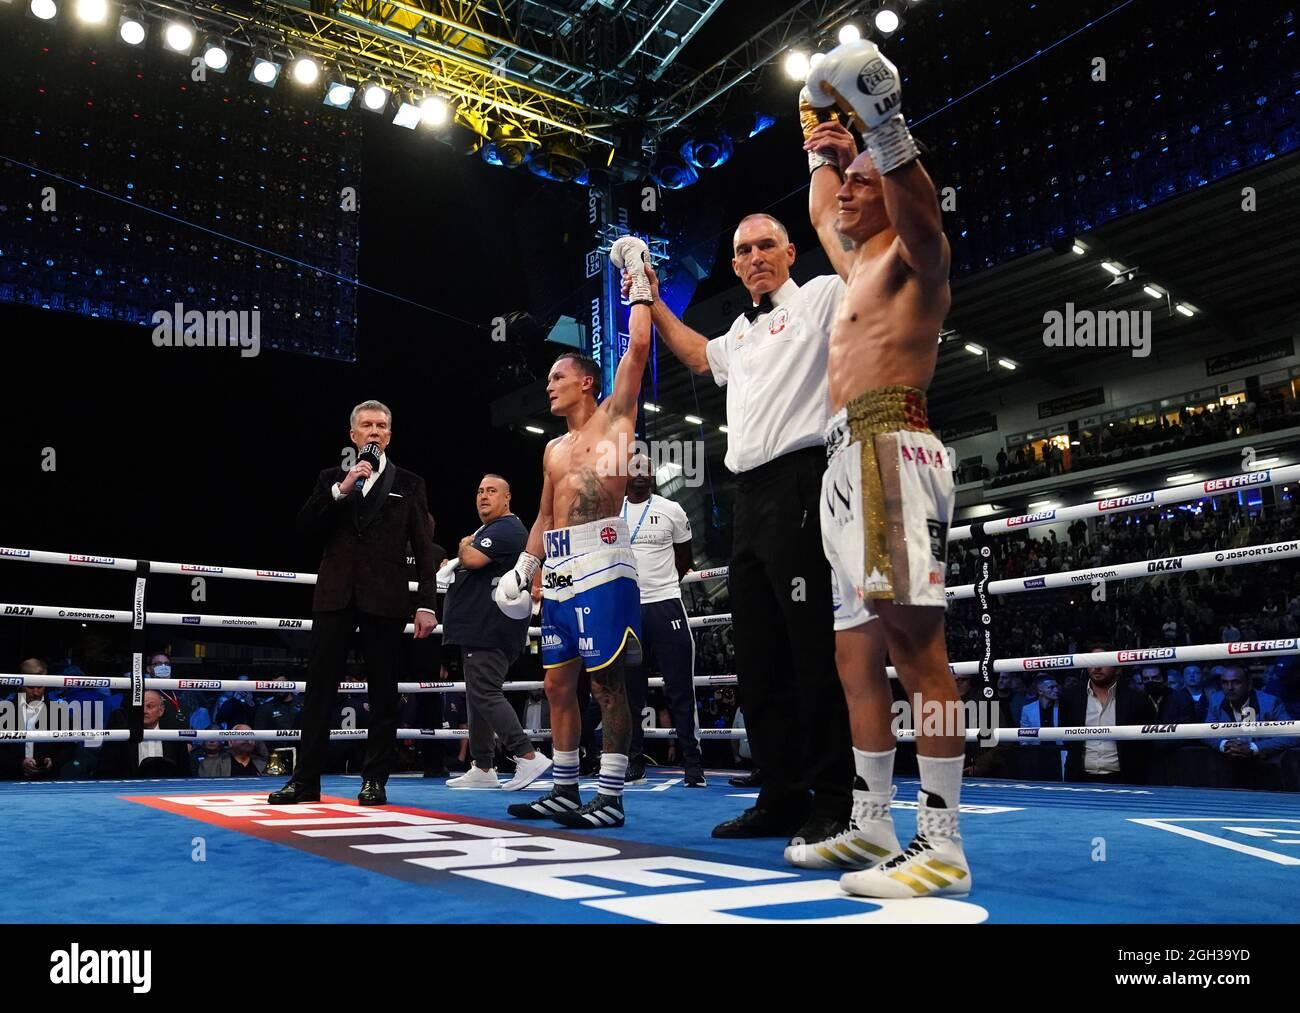 Josh Warrington (links) und Mauricio Lara, nachdem ihr internationaler Federgewichtswettbewerb während des Boxevents im Emerald Headingley Stadium, Leeds, in einer Unentschieden endete. Bilddatum: Samstag, 4. September 2021. Stockfoto